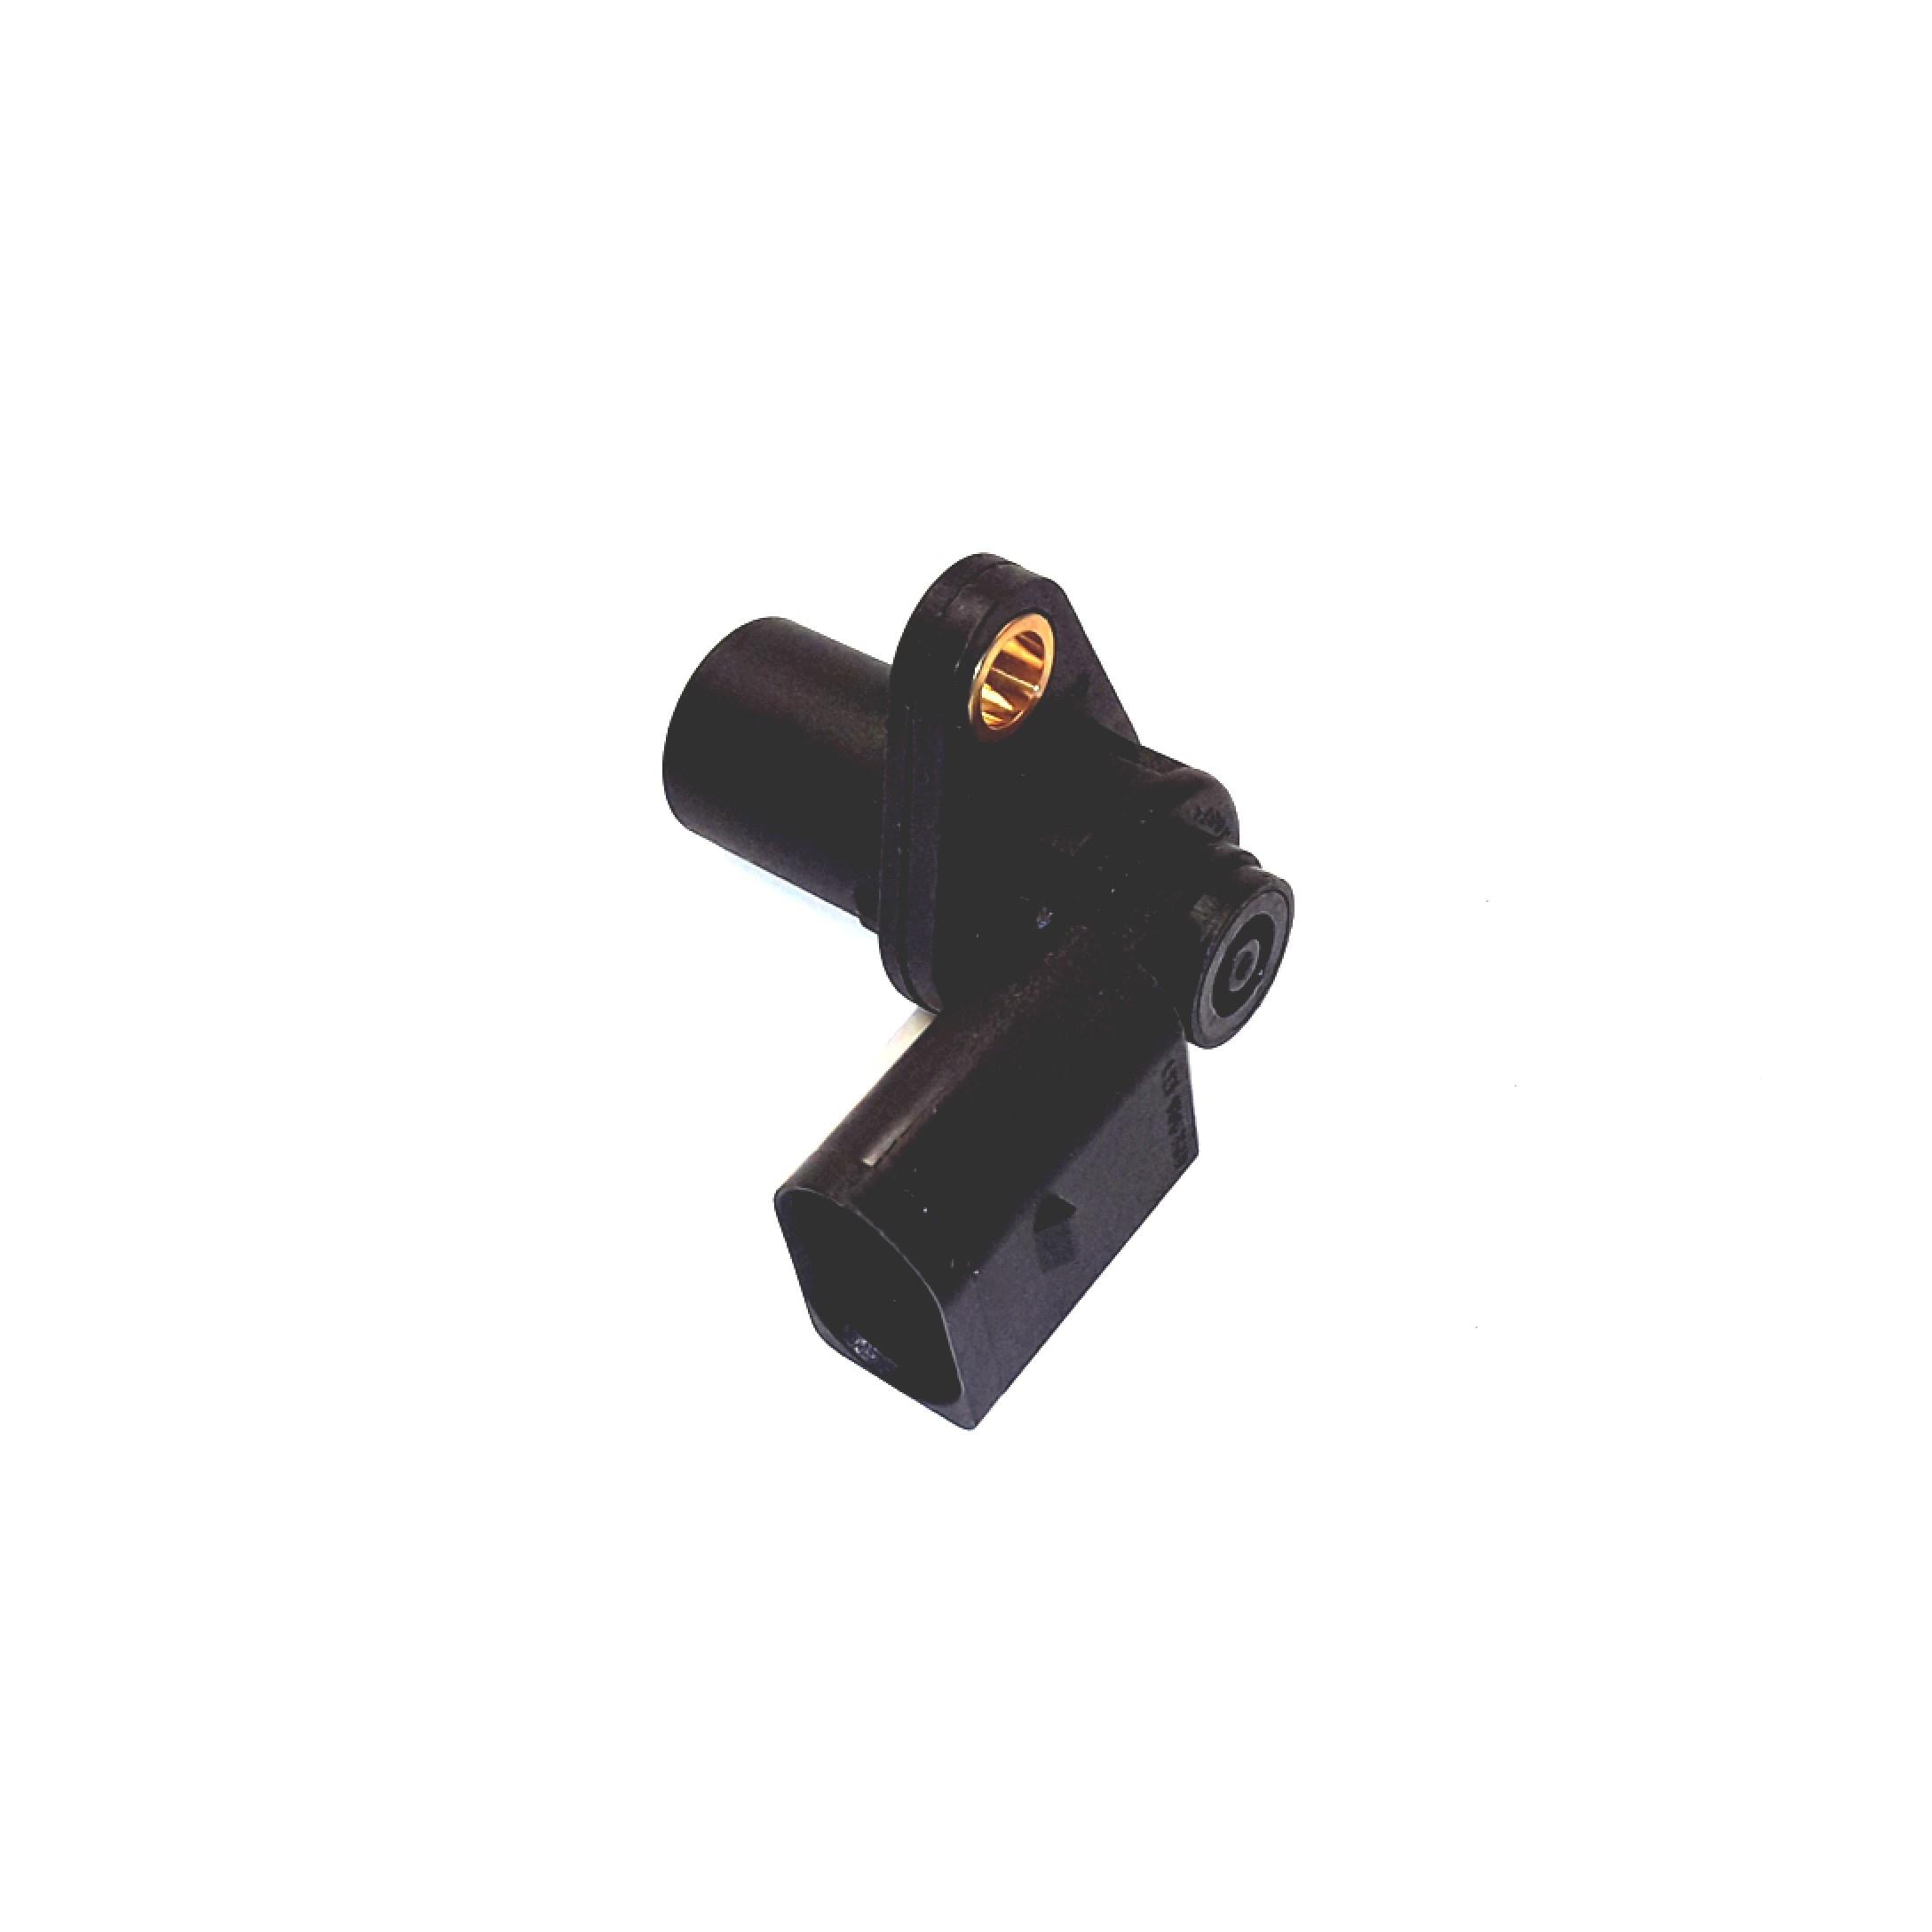 06E906433 -. Liter, Sensor, System